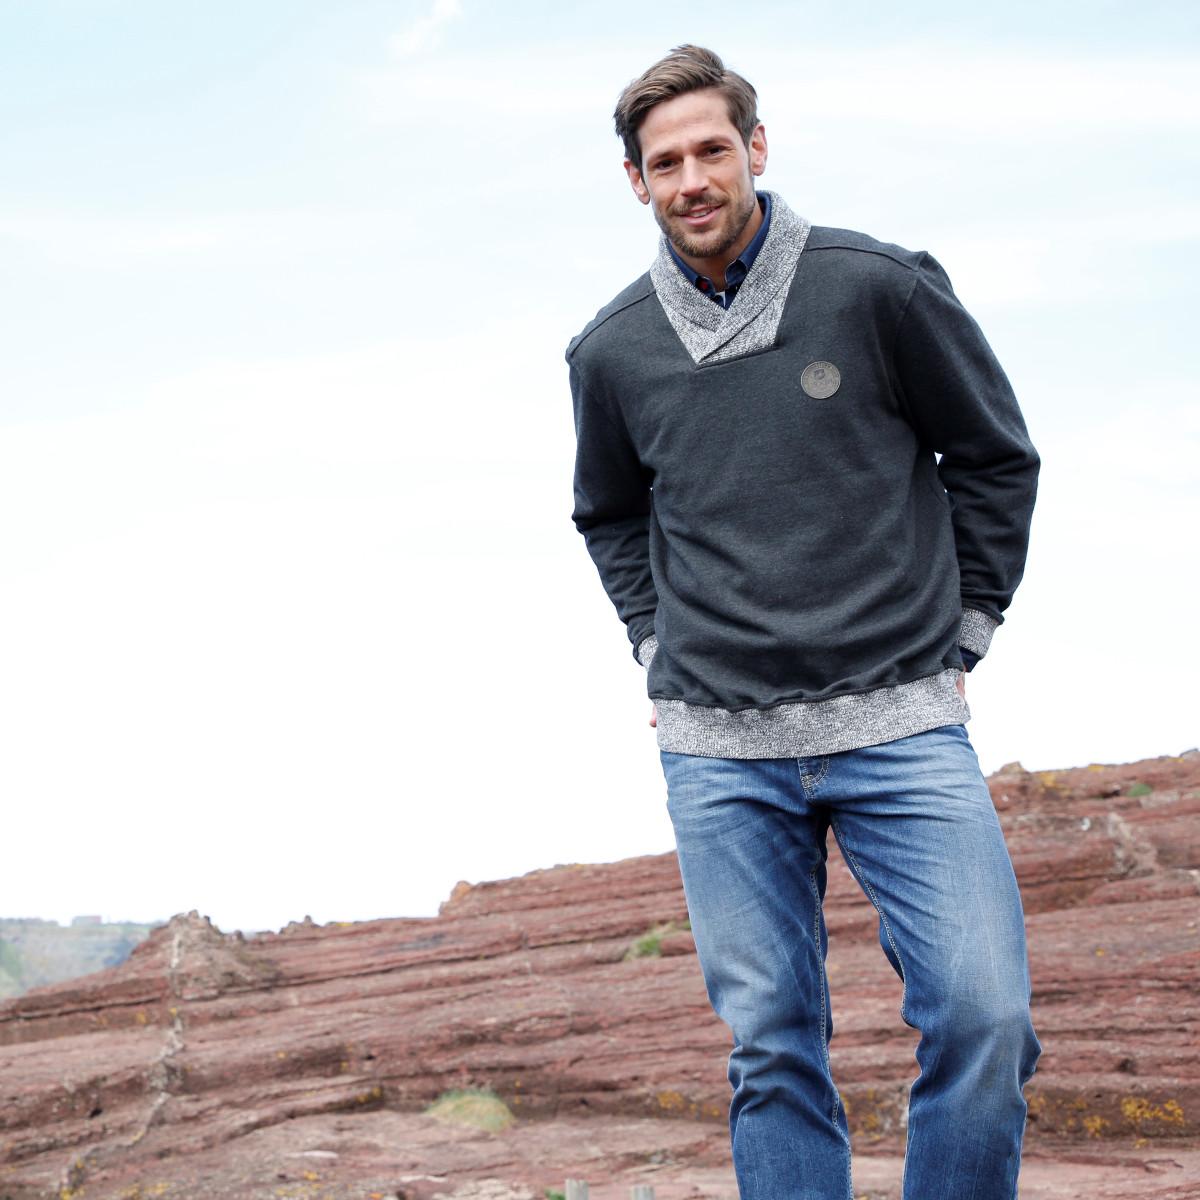 Sweatshirt Strick Männer Mode Große Größen Plus Size Fashion Schalkragen